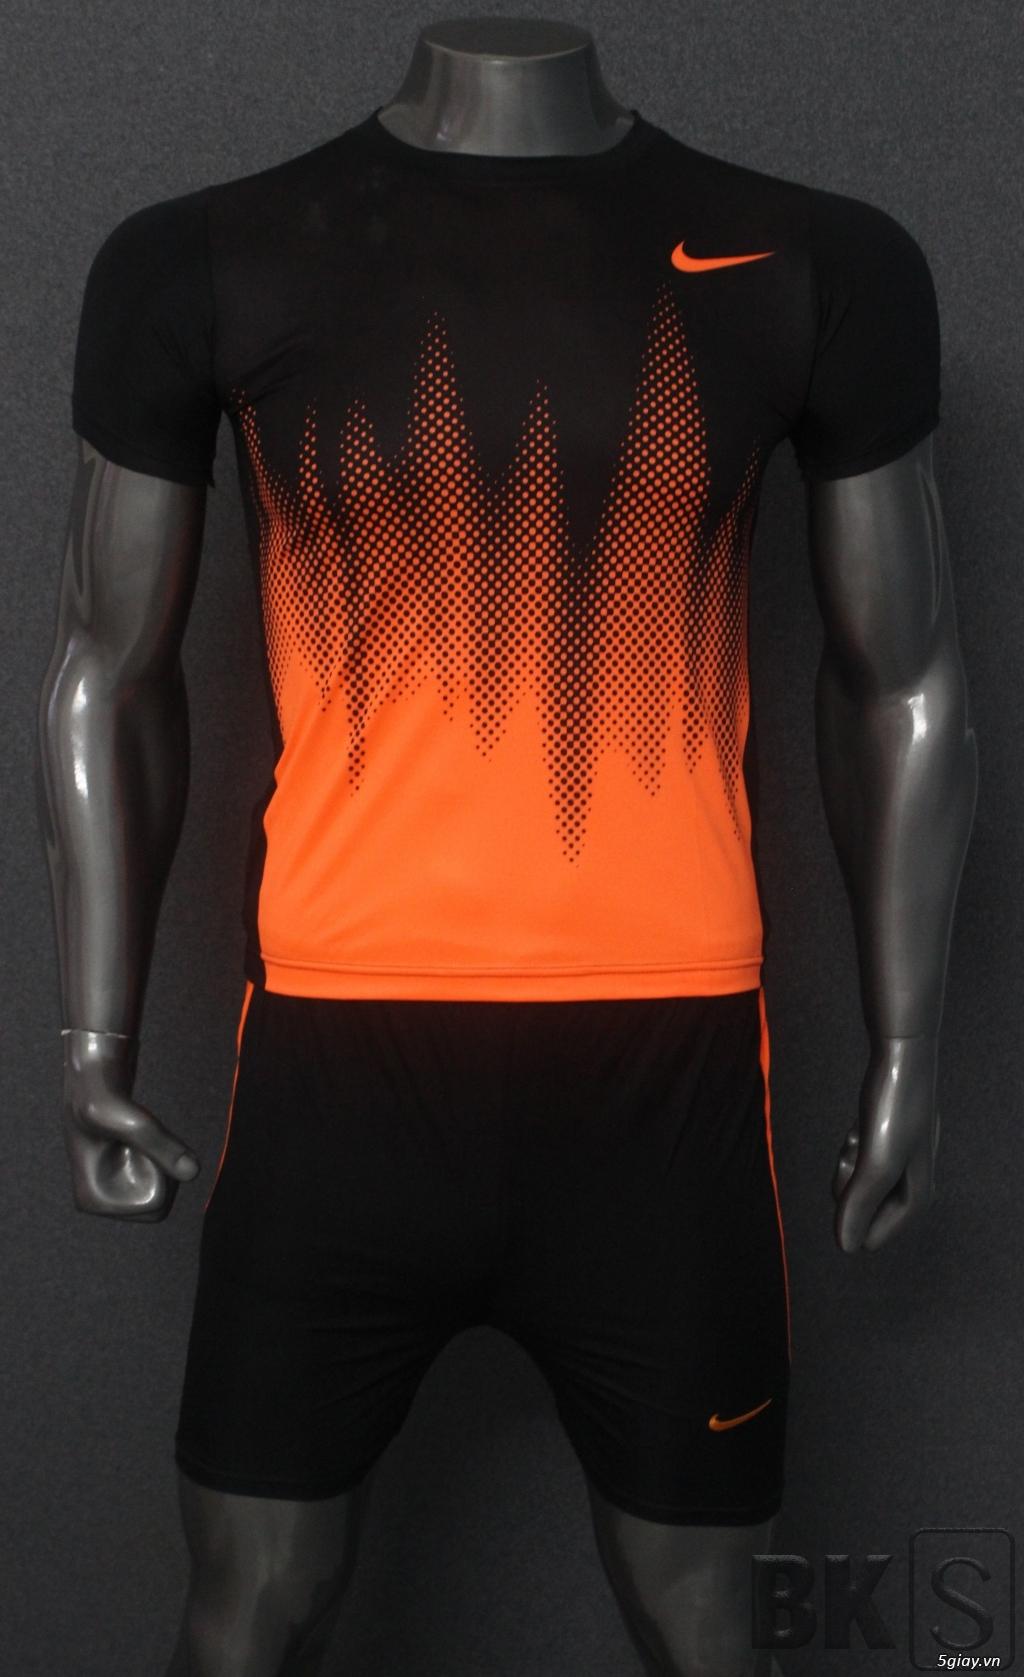 Áo bóng đá HP-địa chỉ gốc sản xuất trang phục thể thao số 1 Việt Nam - 16